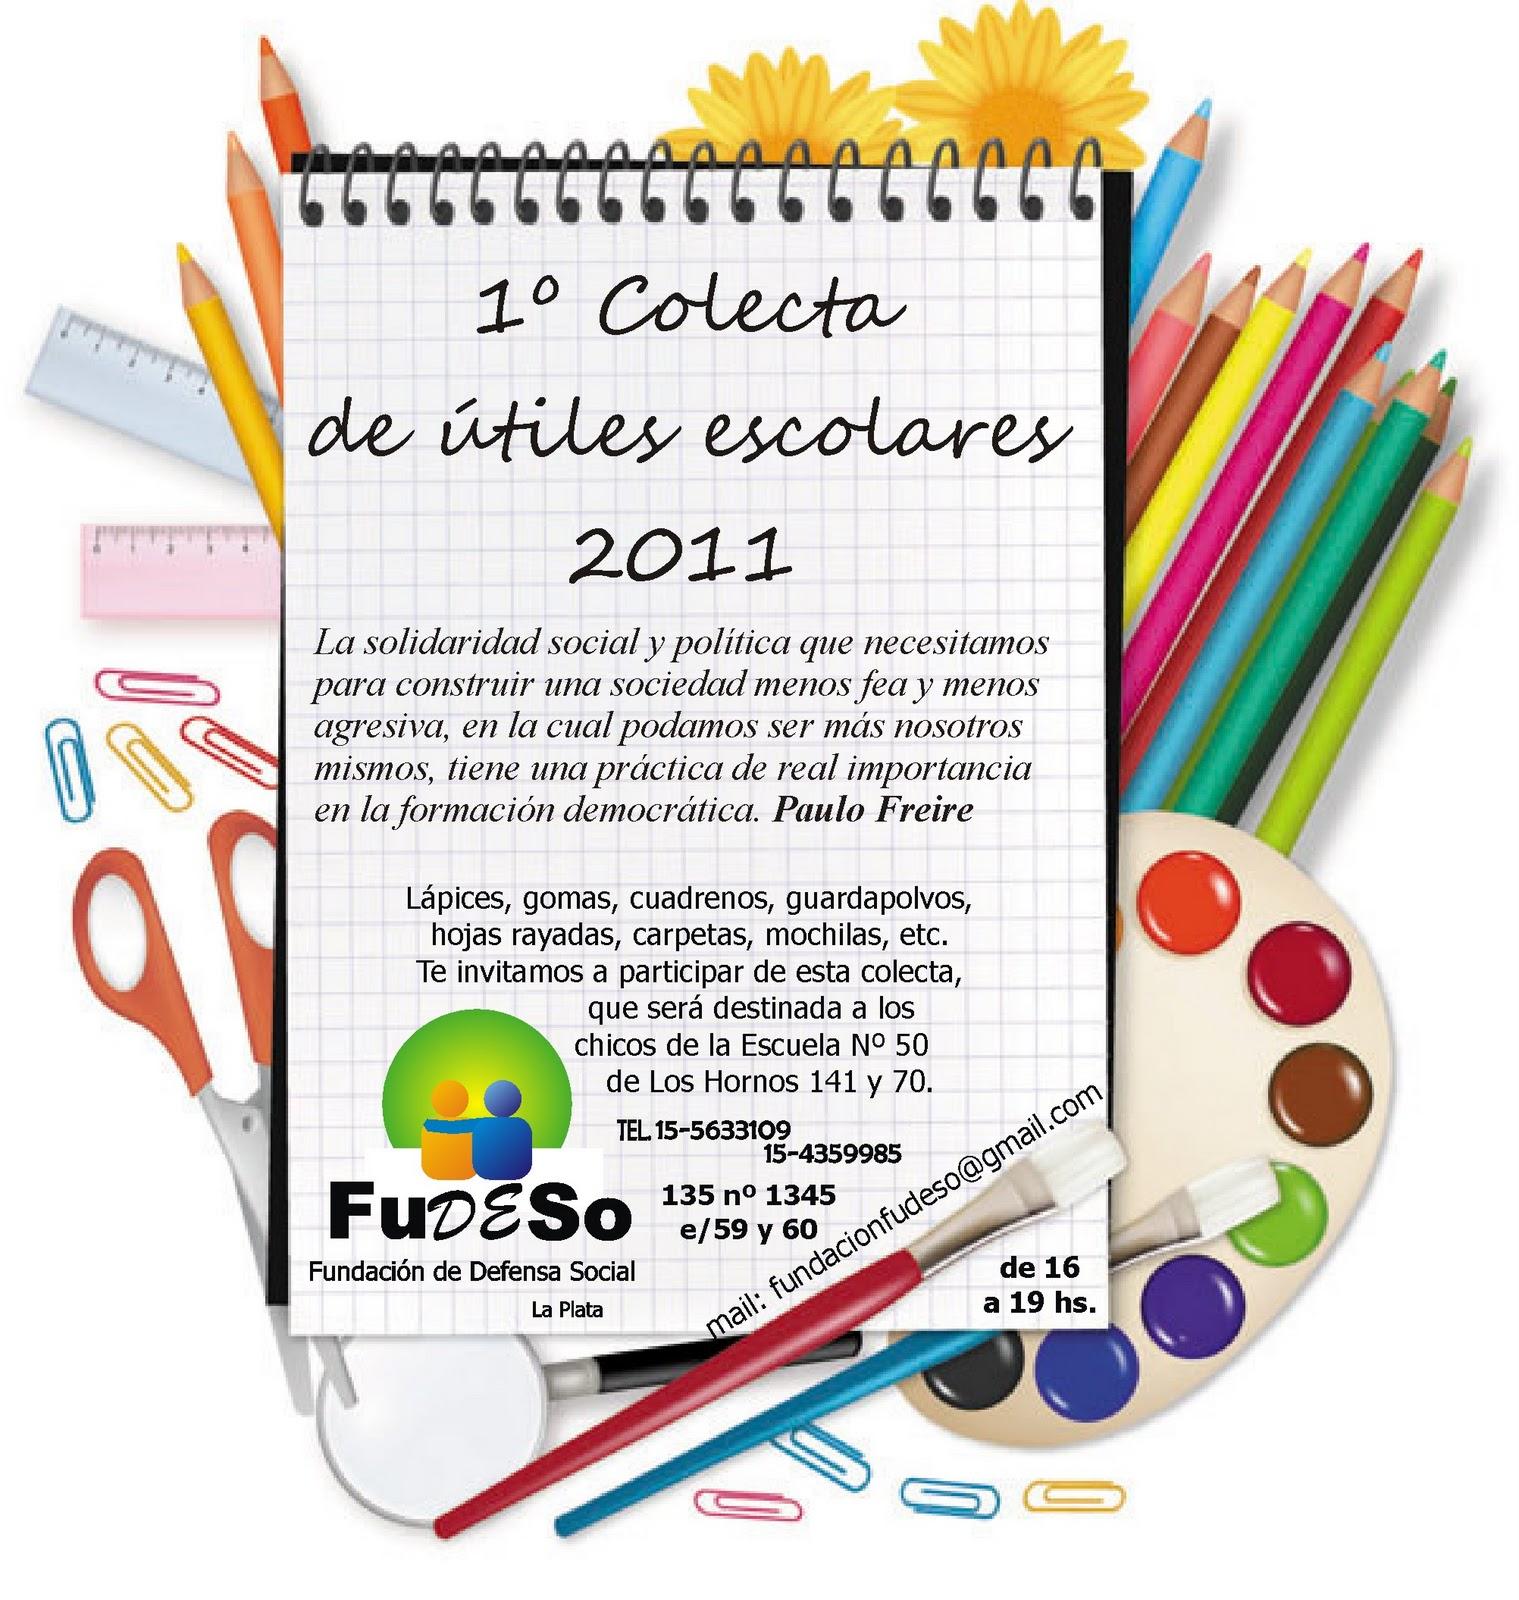 Colecta de útiles escolares 2011